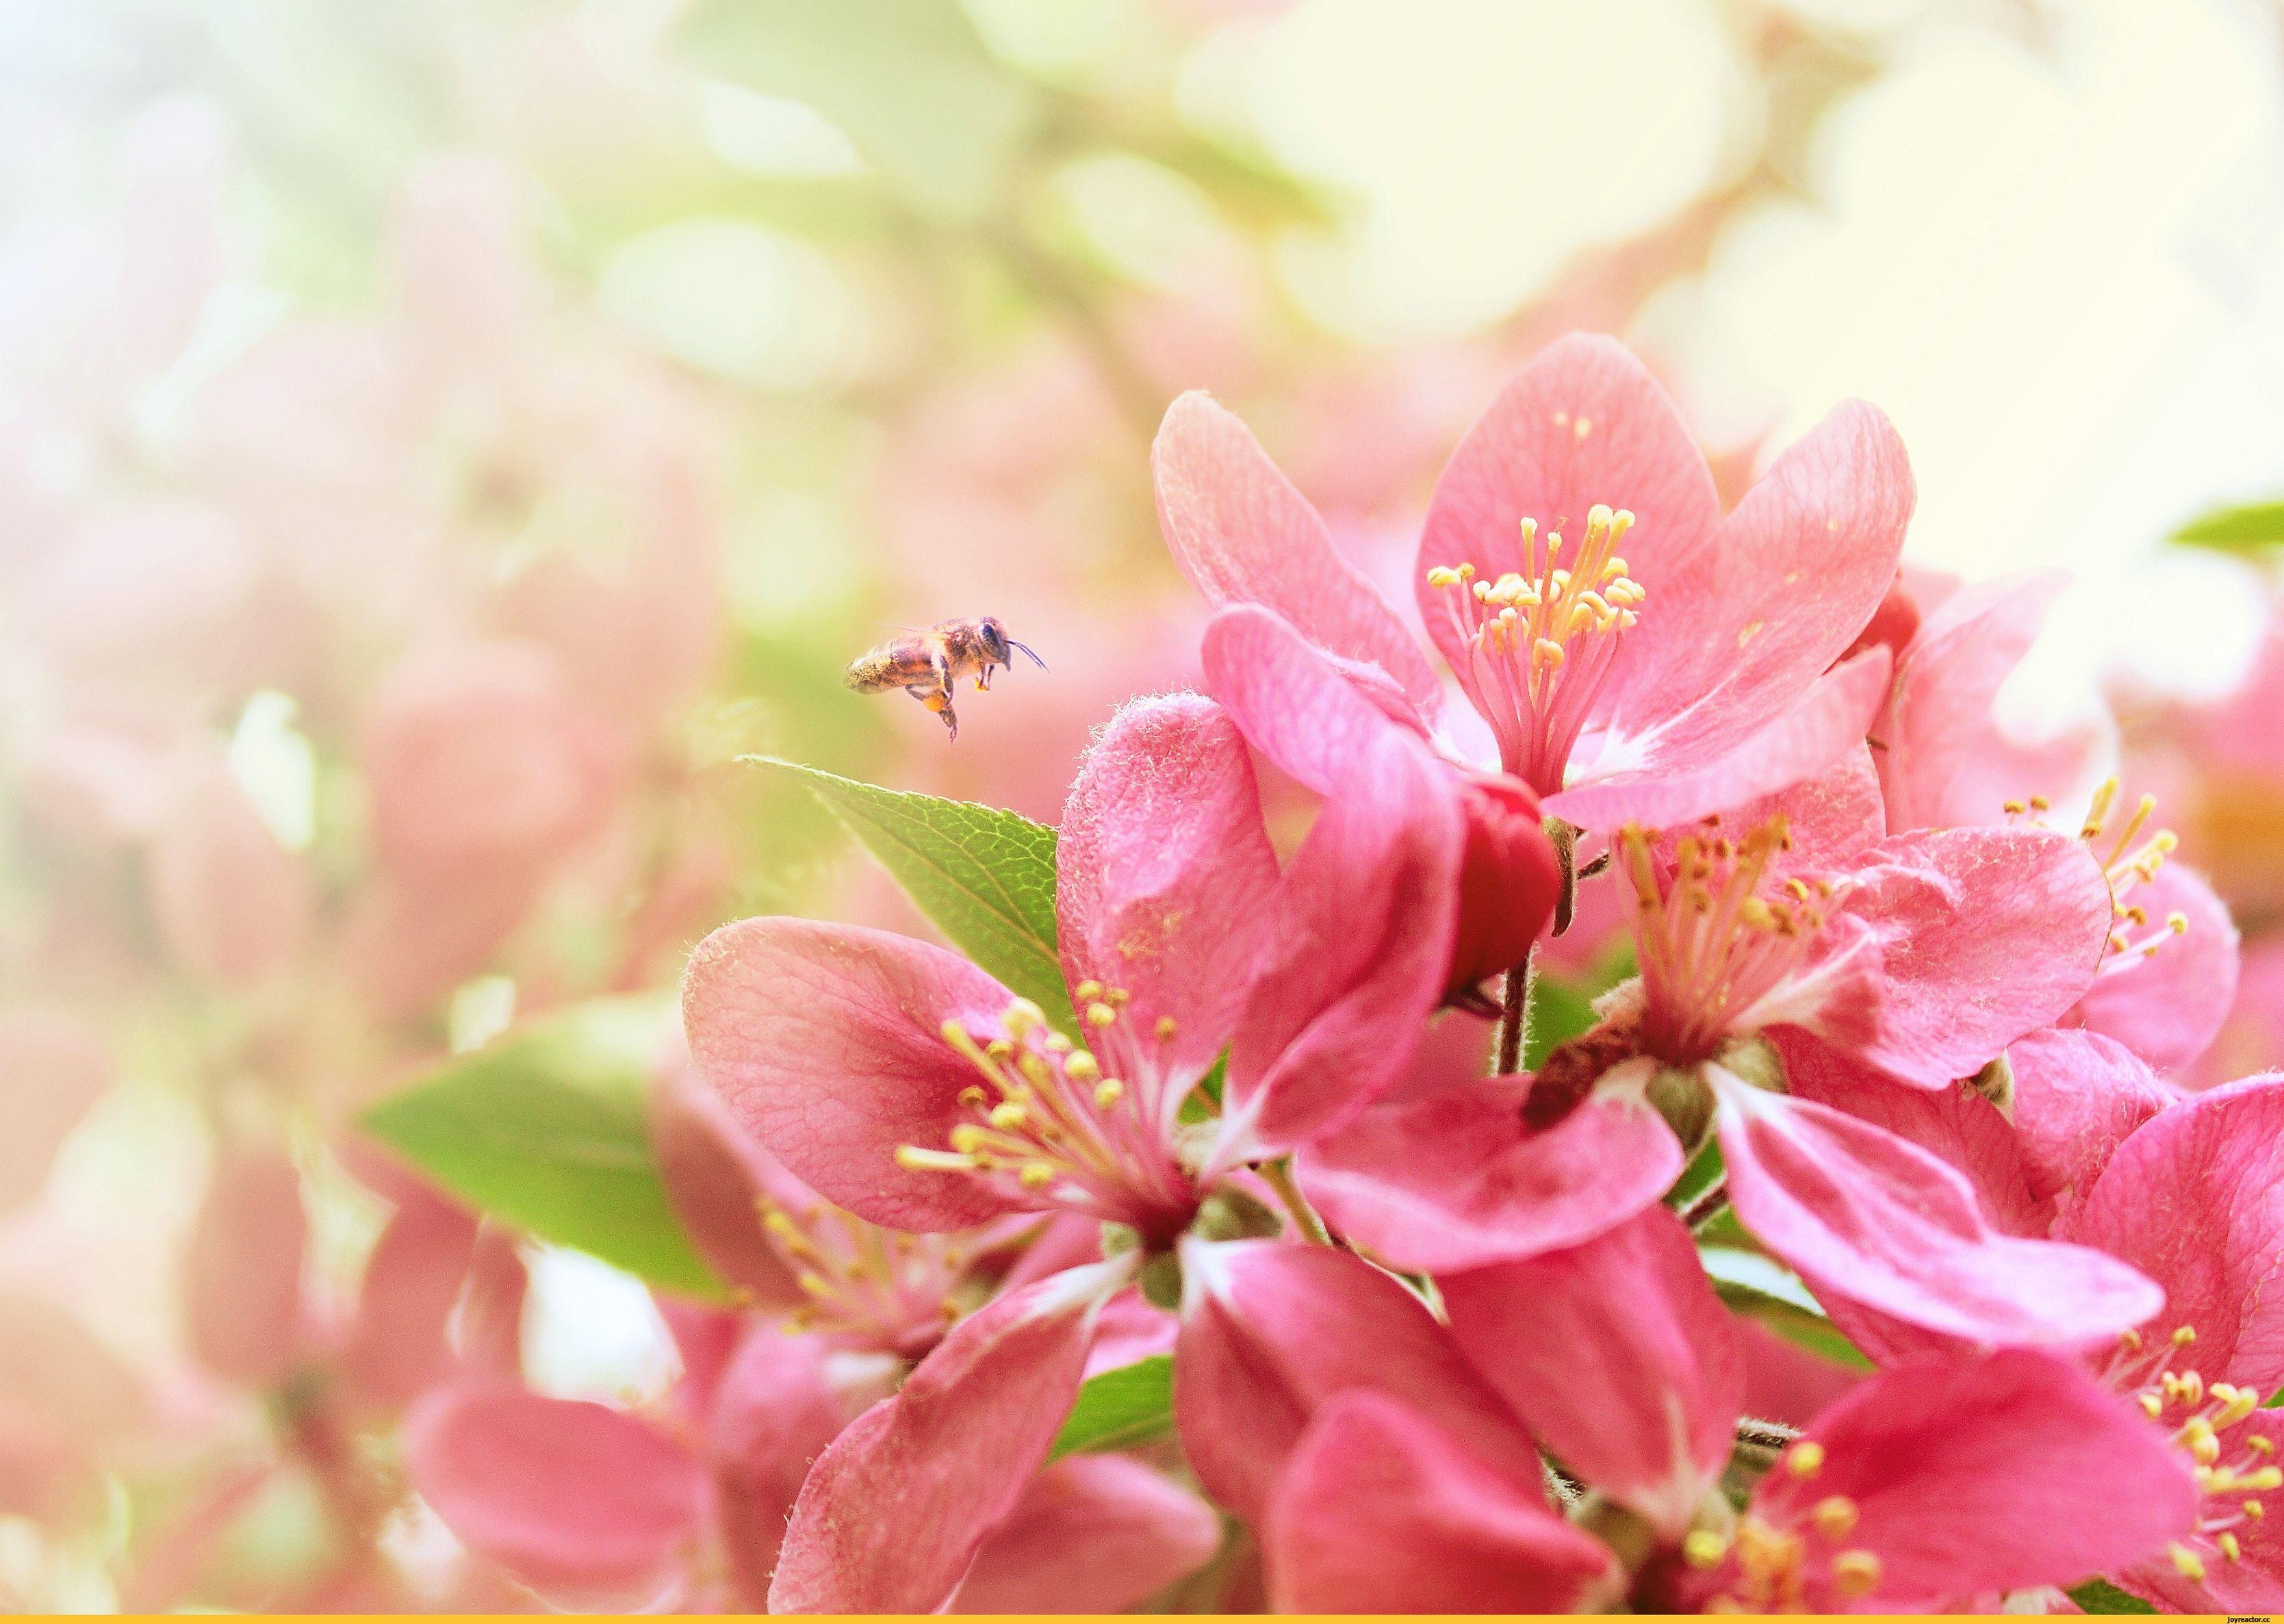 красивые картинки весна на рабочий стол широкоформатные стал только